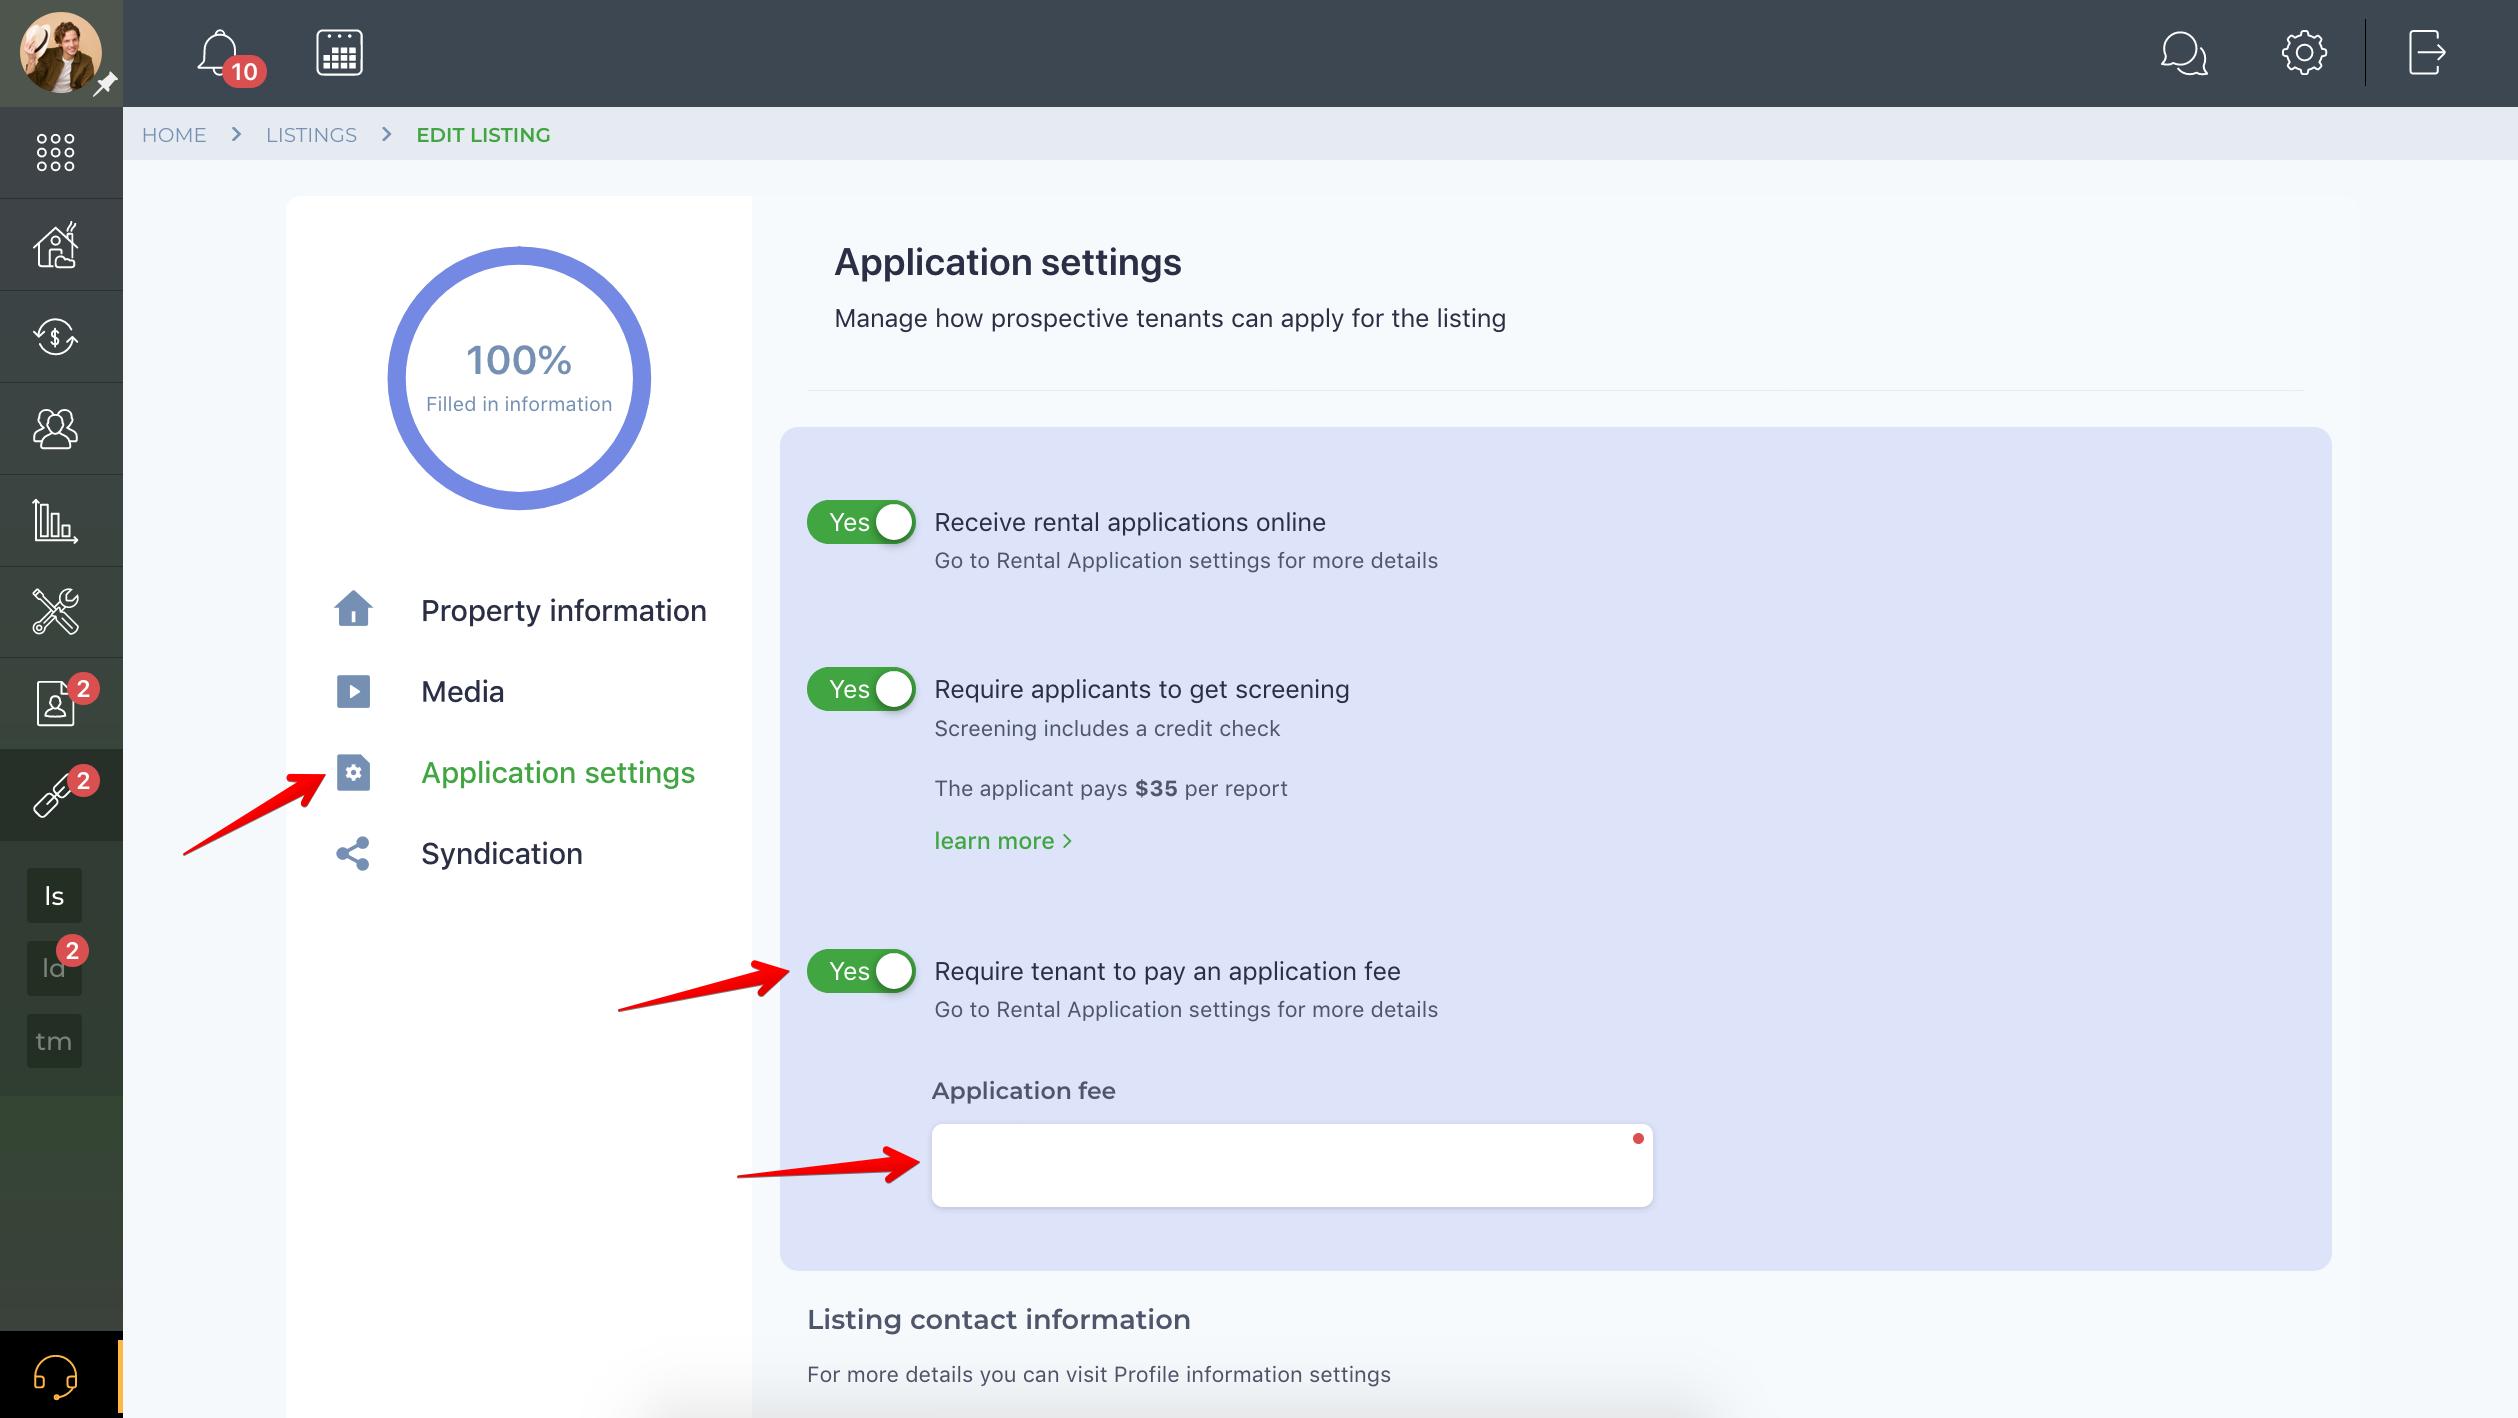 How do I set up an application fee?